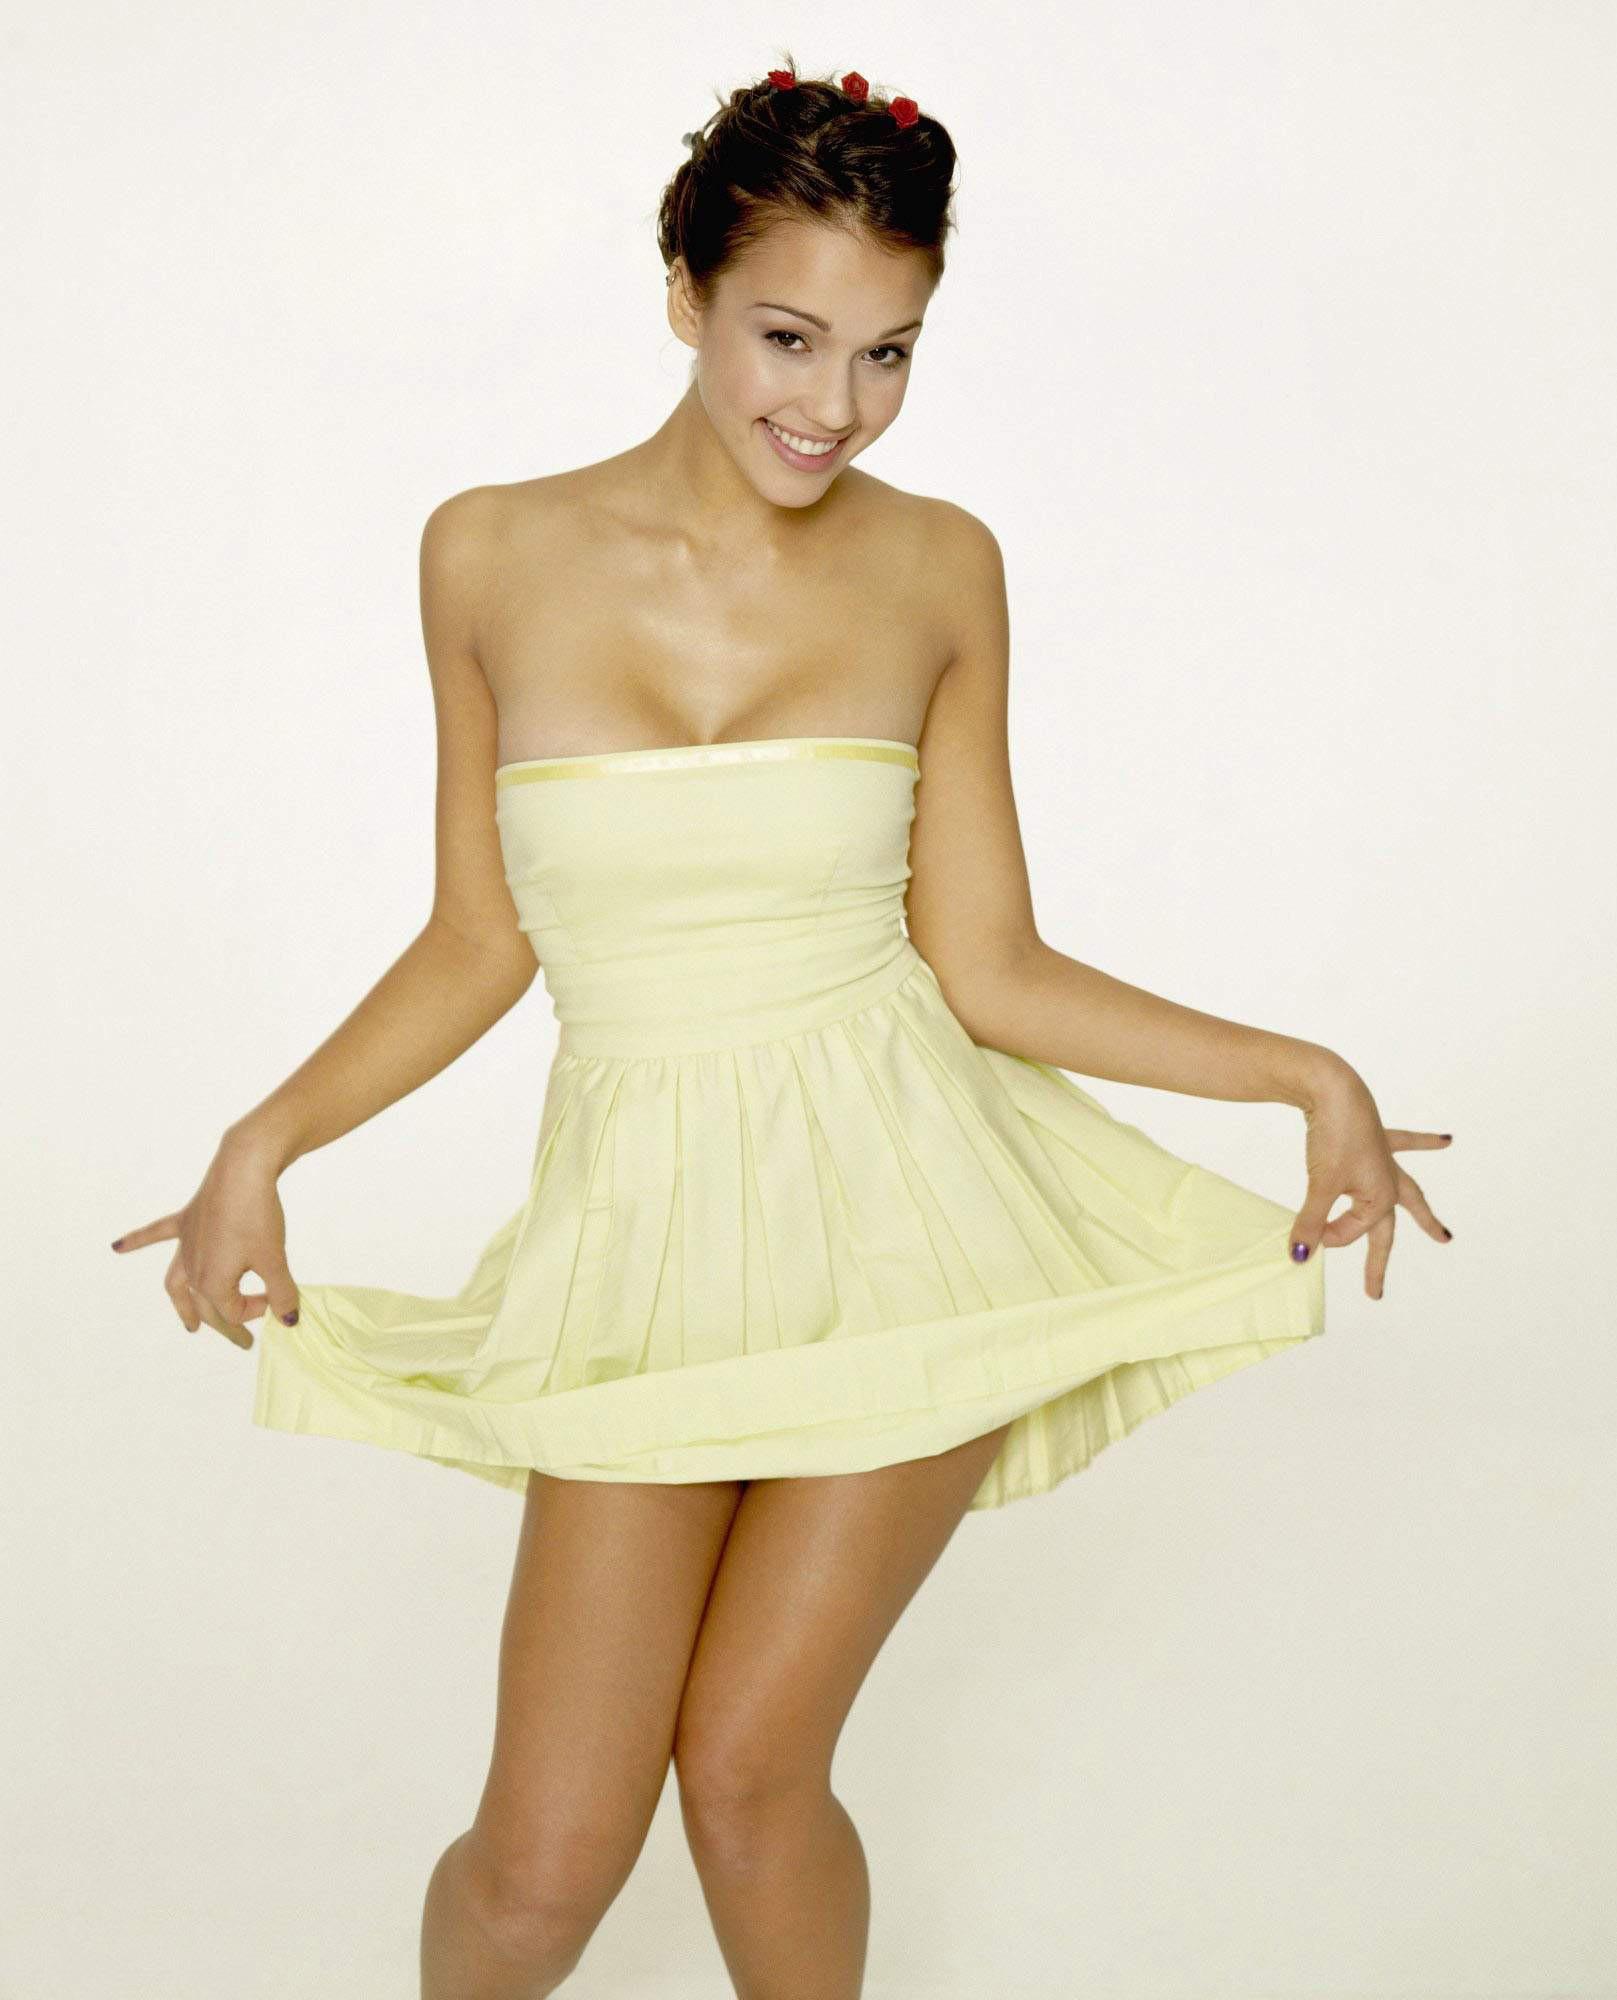 Hintergrundbilder : Frau, Berühmtheit, Darstellerin, Kleid, lächelnd ...